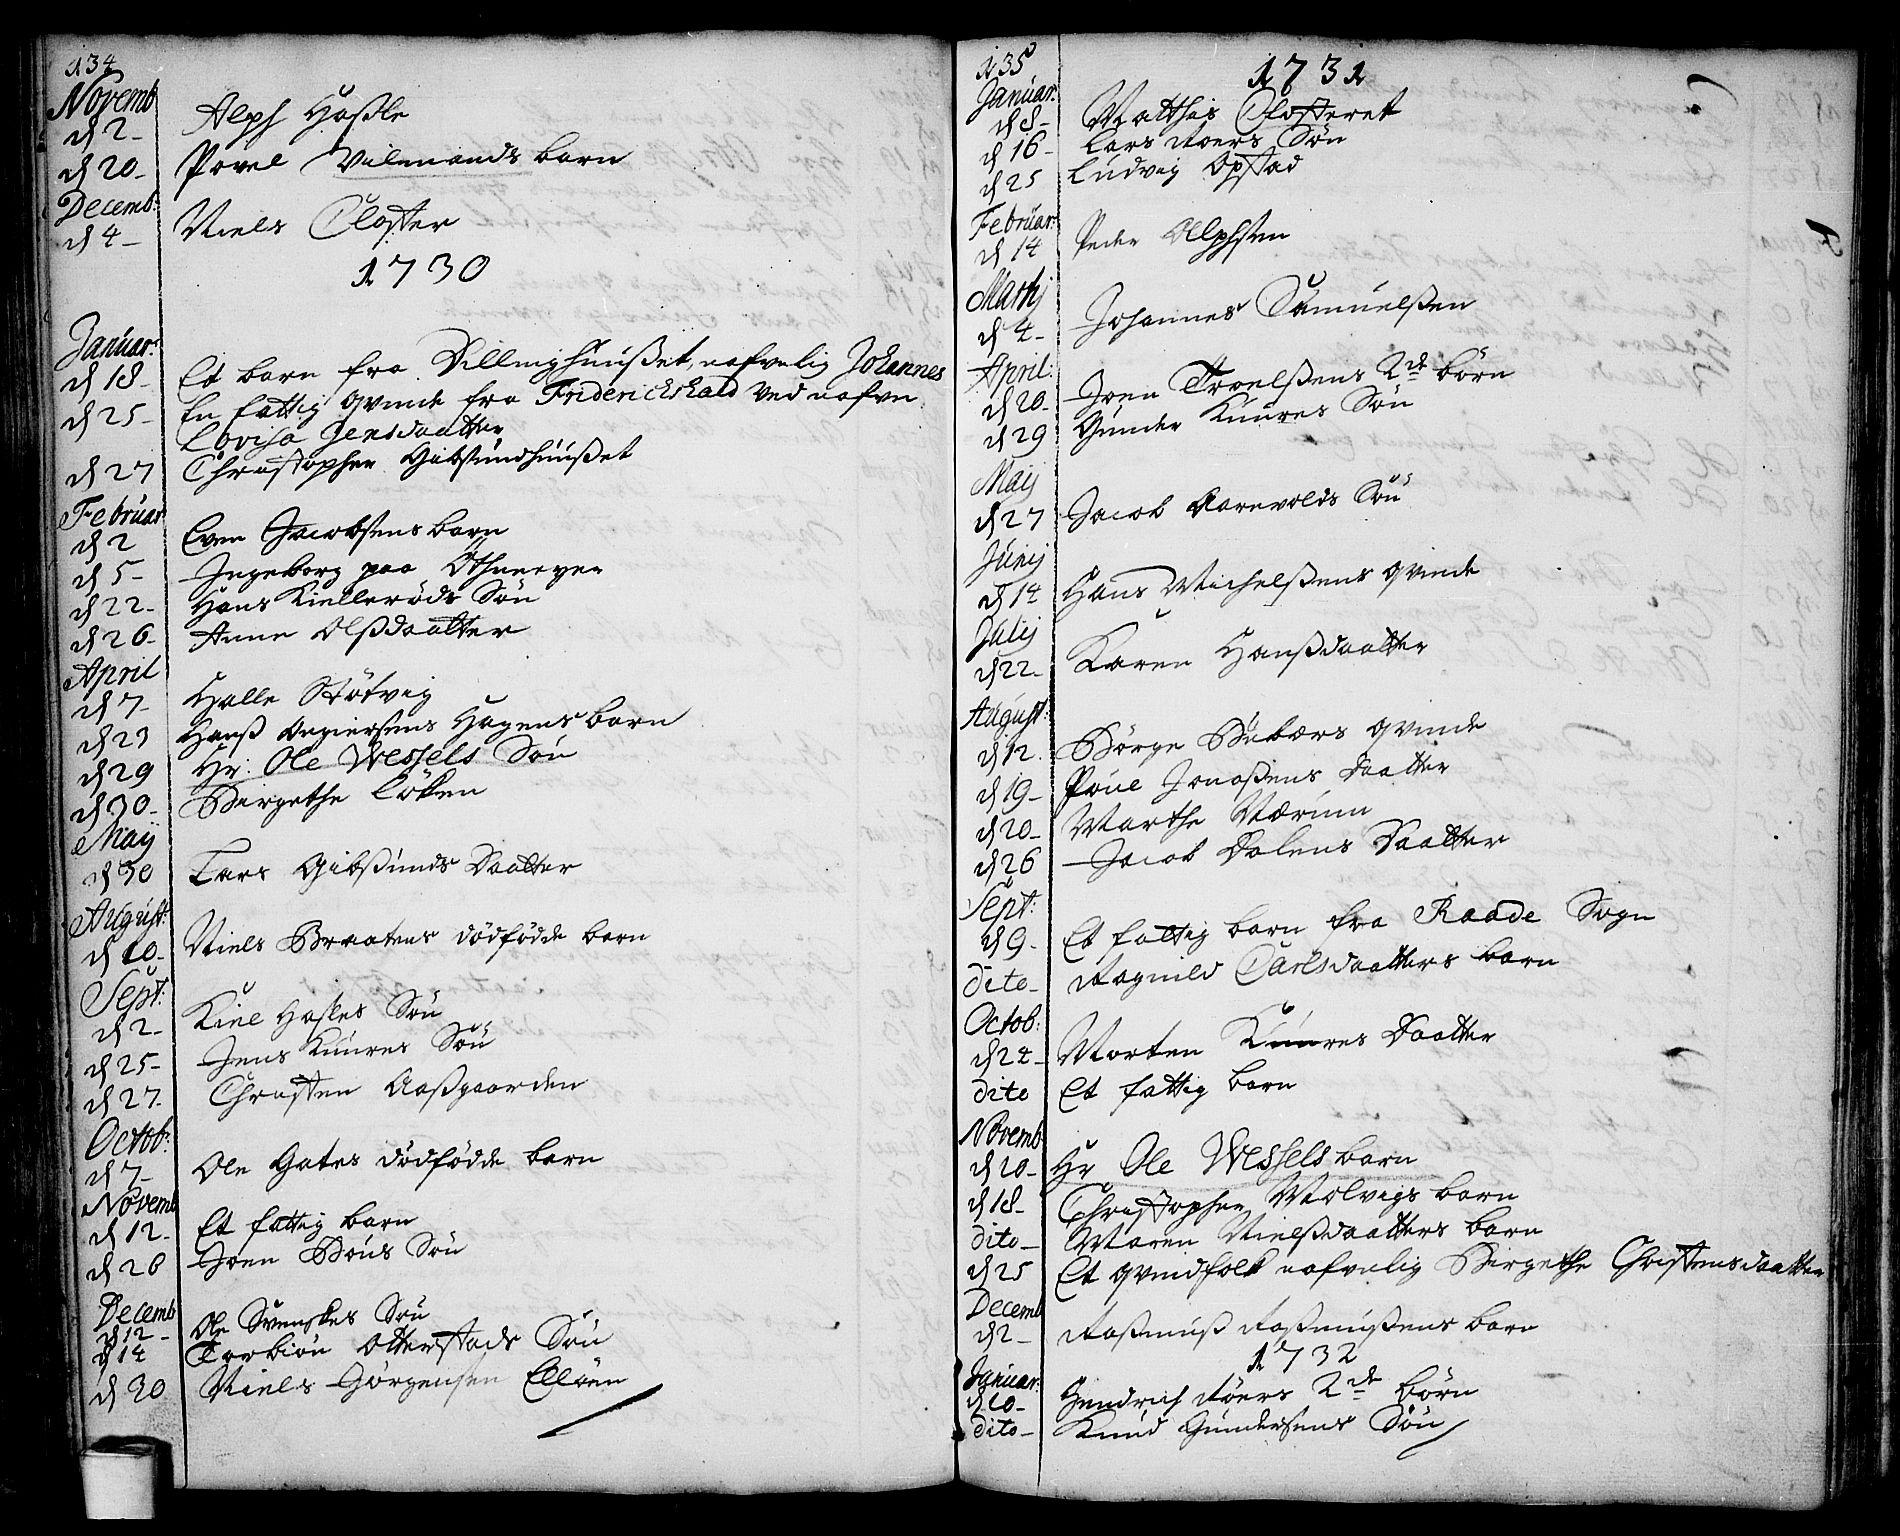 SAO, Rygge prestekontor Kirkebøker, F/Fa/L0001: Ministerialbok nr. 1, 1725-1771, s. 134-135